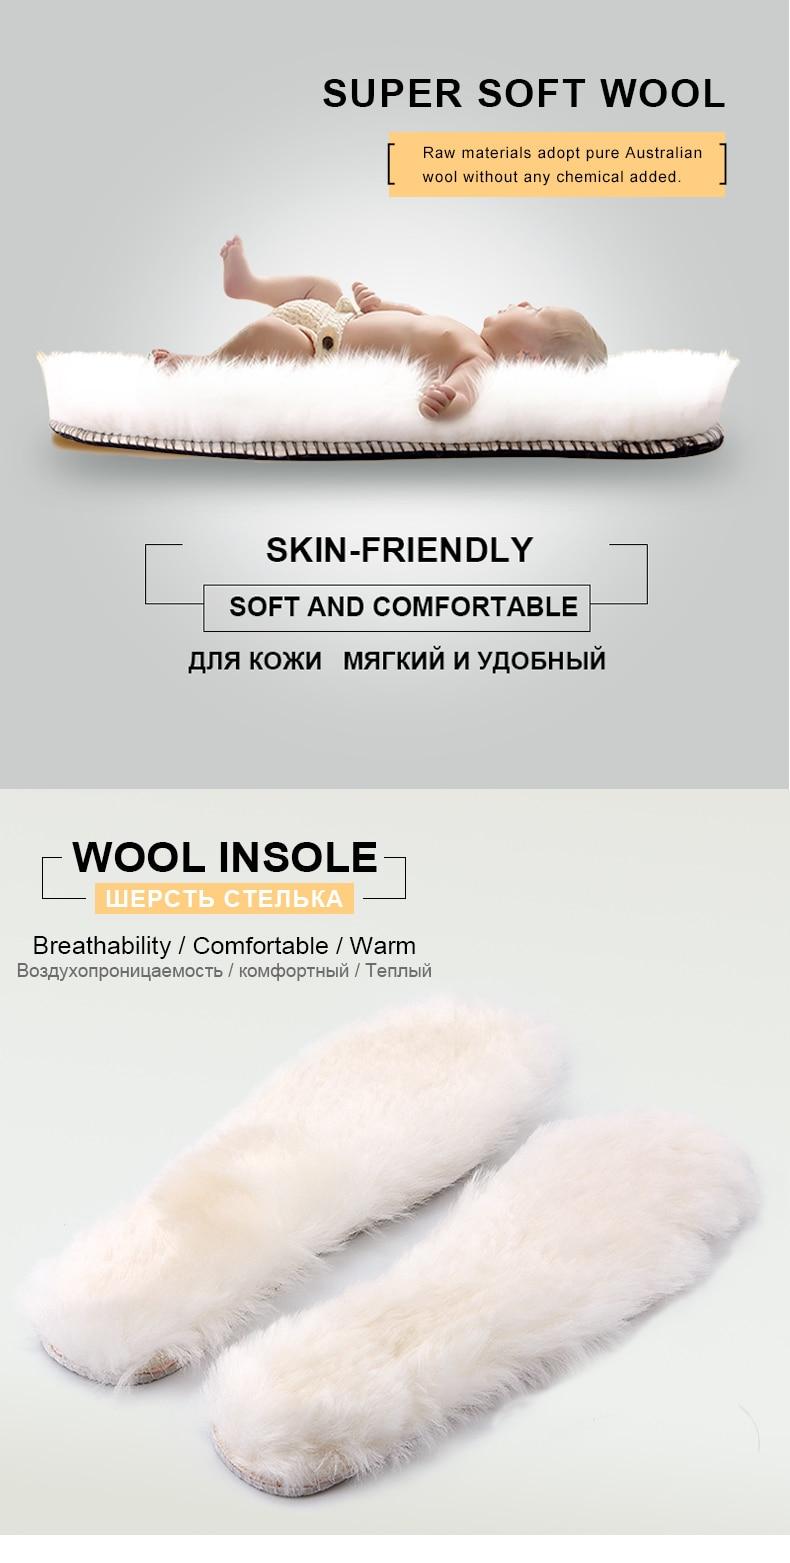 Großhandel Xammep Natürliche Schaffell Wolle Einlegesohlen Kaschmir Thermische Lammfell Pelz Erwachsene Kinder Winter Stiefel Schuhe Einlegesohlen